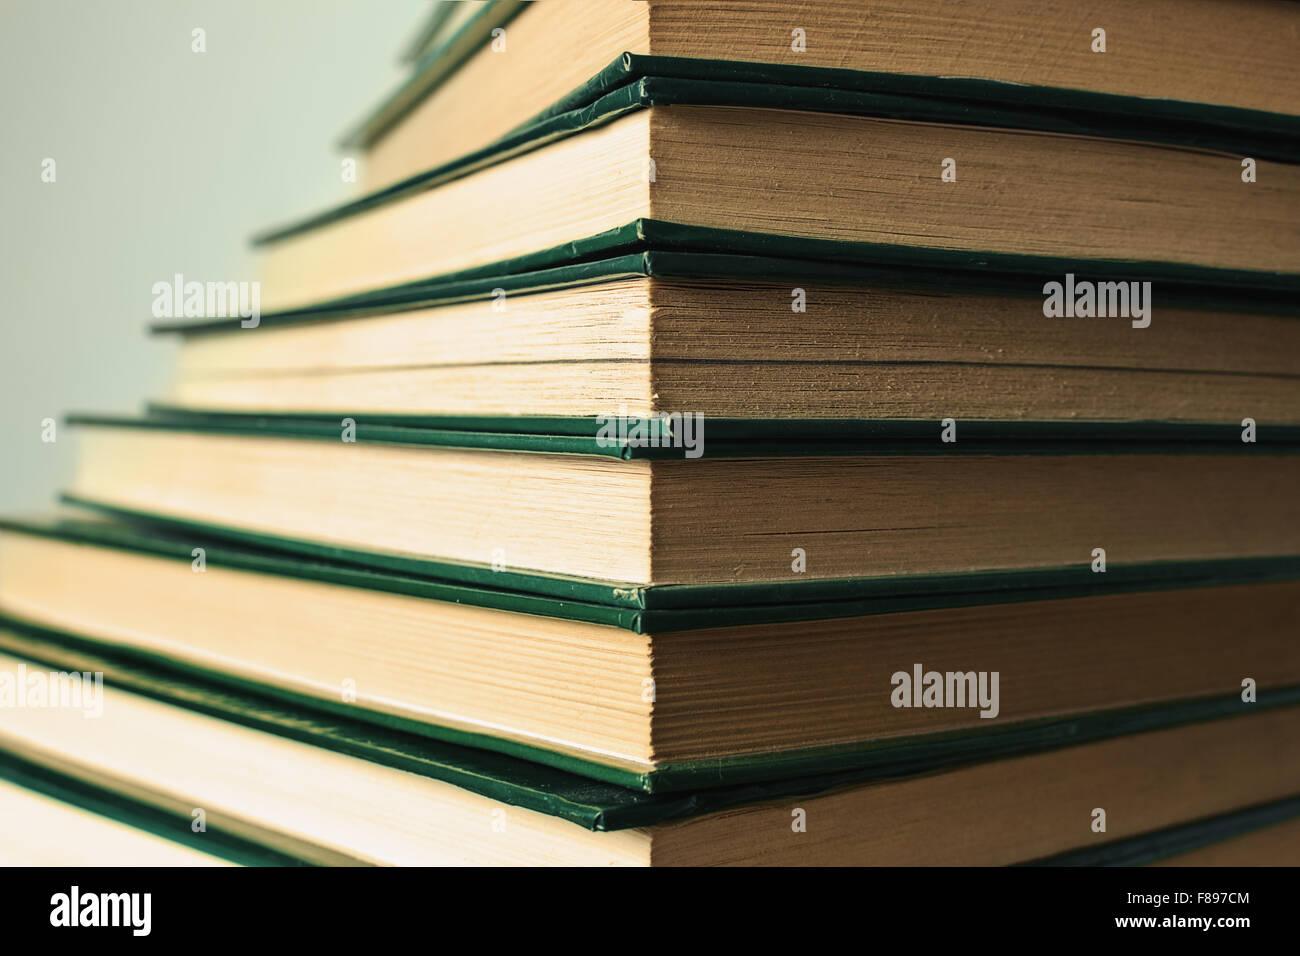 pila de libros de tapa dura en forma de escalera concepto